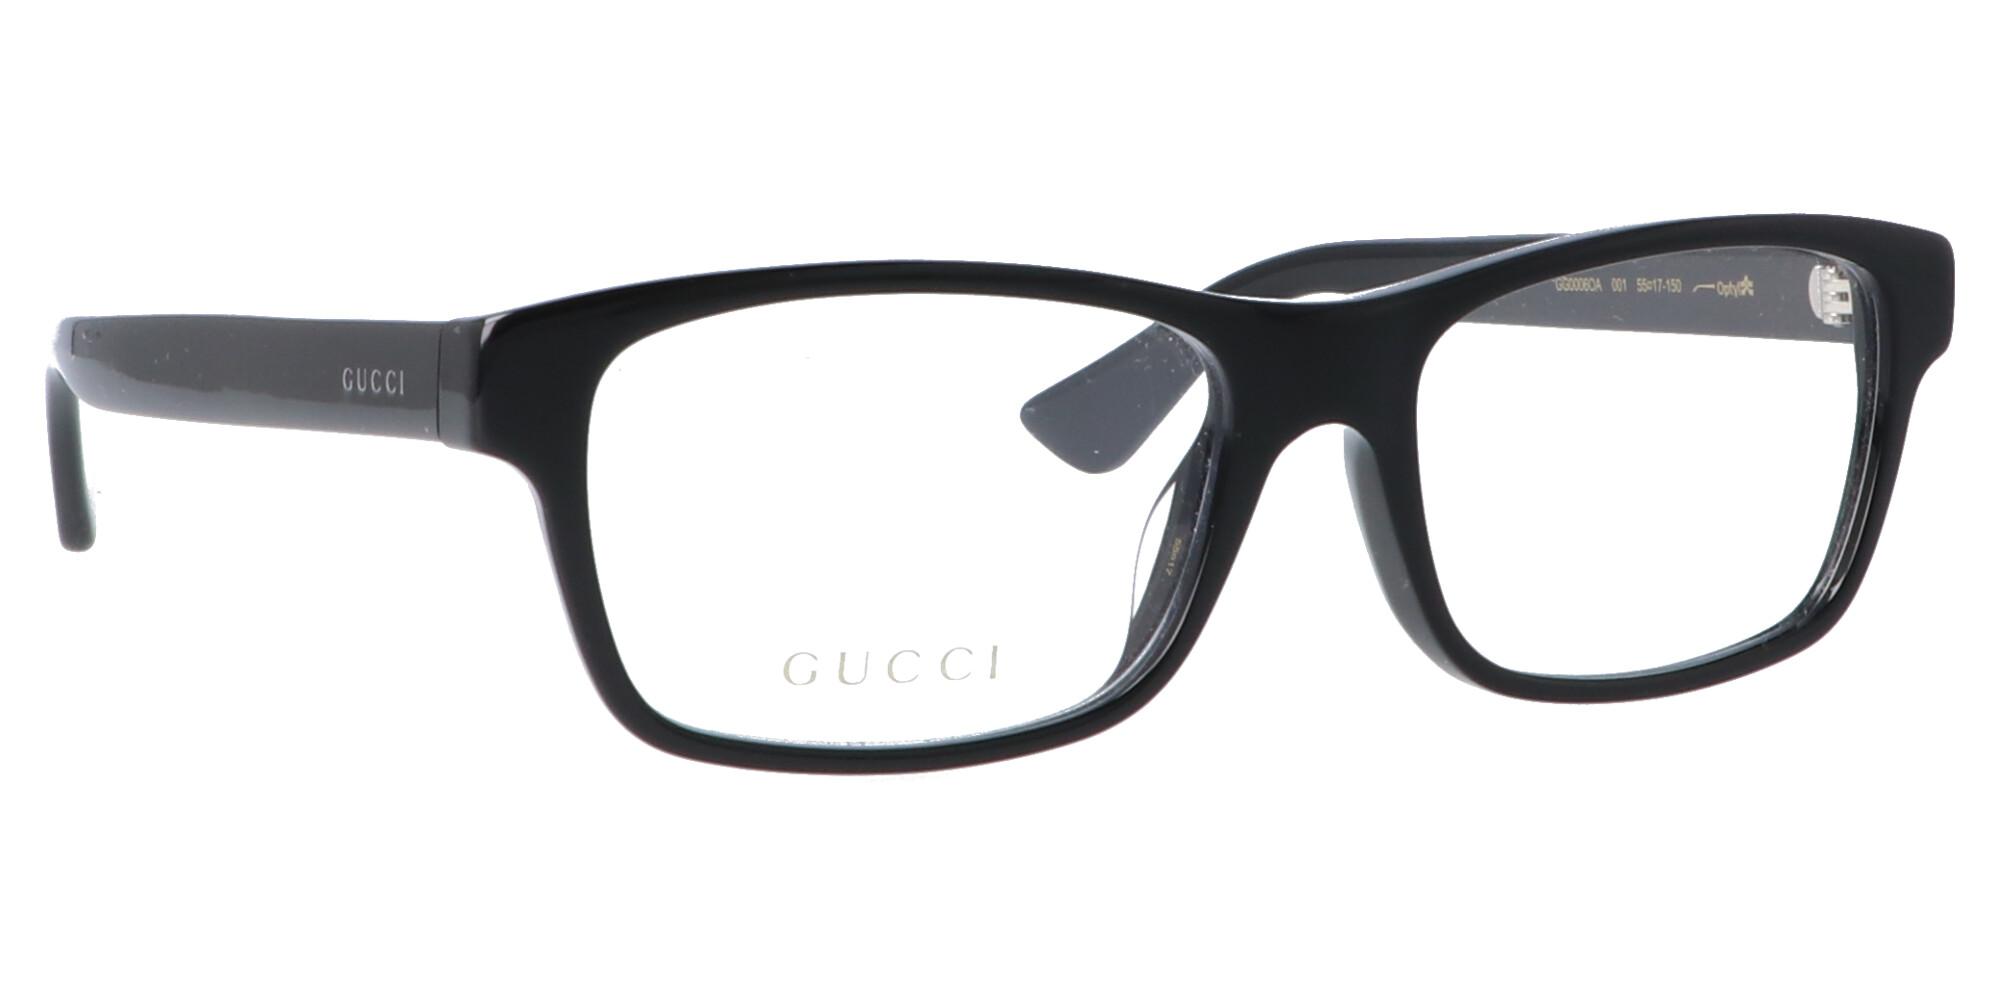 グッチ GG0006OA_55_ブラック